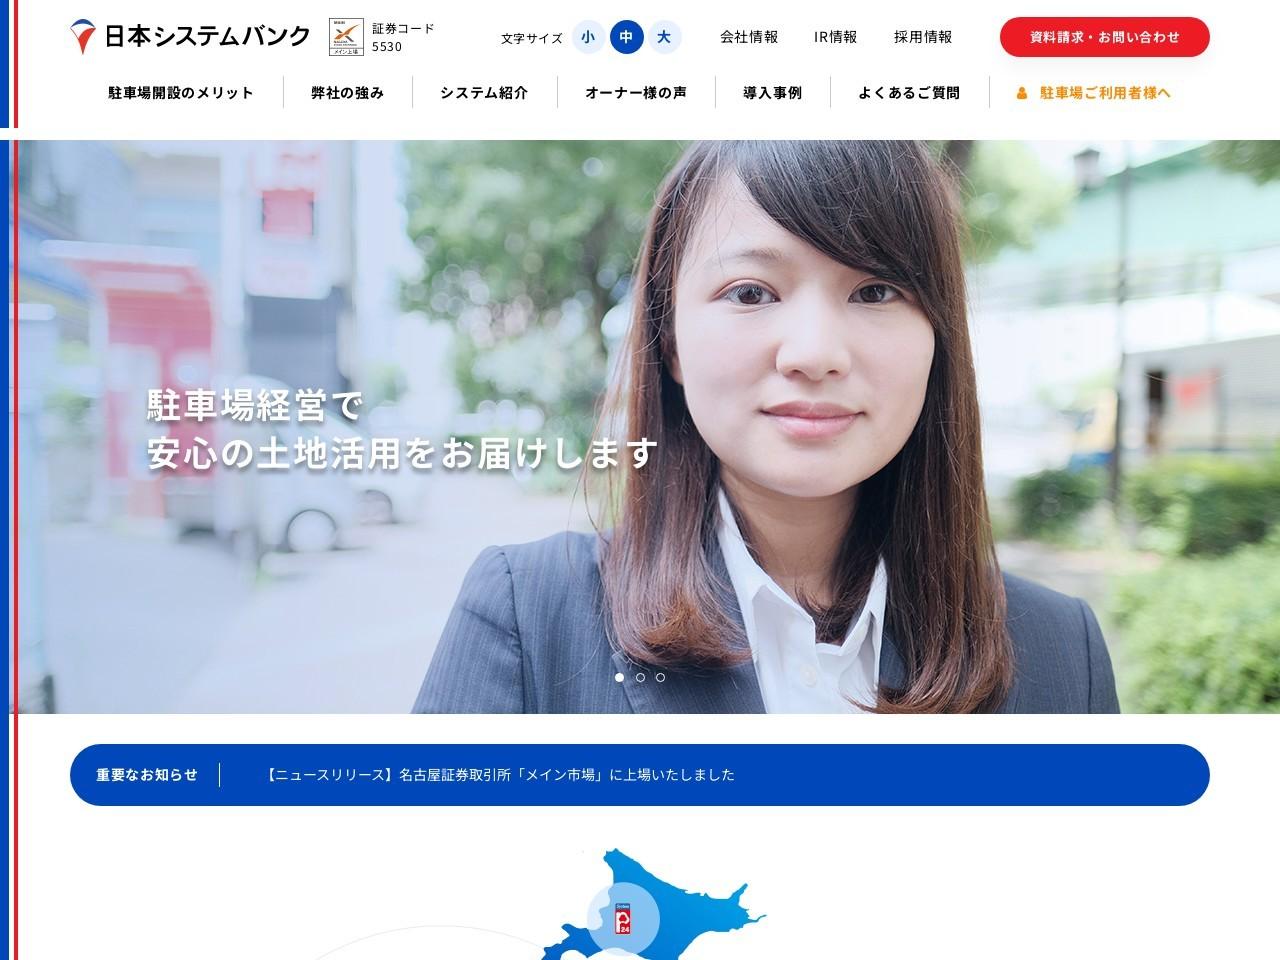 駐車場経営・コインパーキングの日本システムバンク株式会社